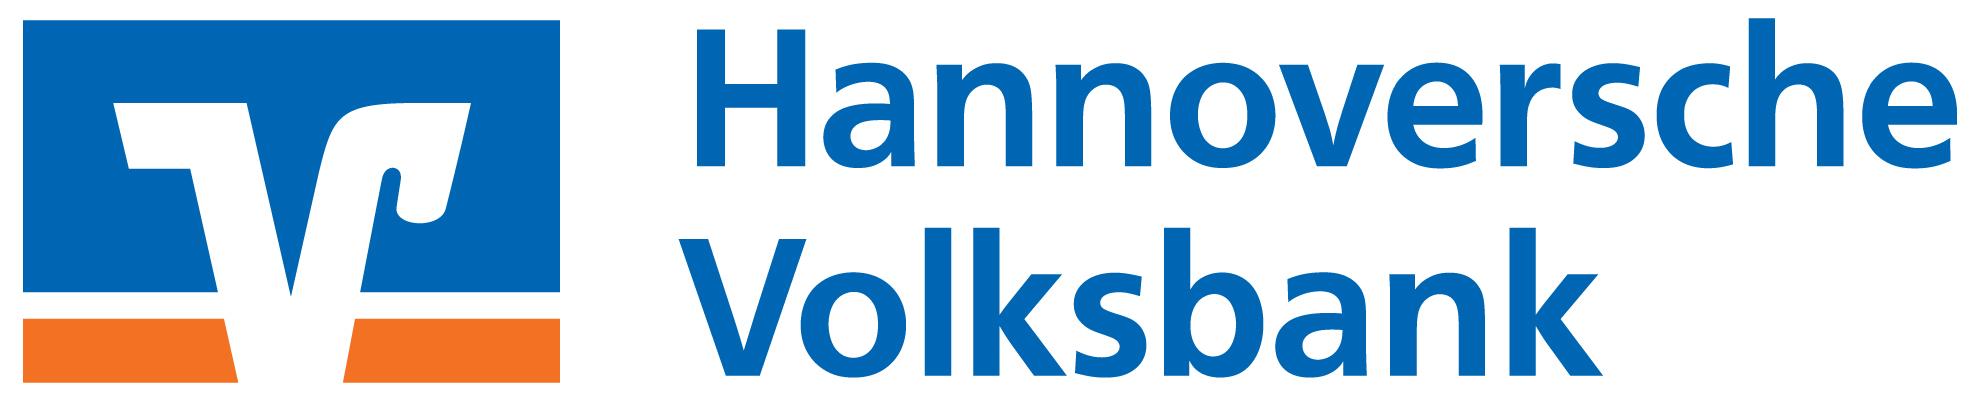 Hannoversche Volksbank eG SelbstbedienungsCenter Groß Munzel